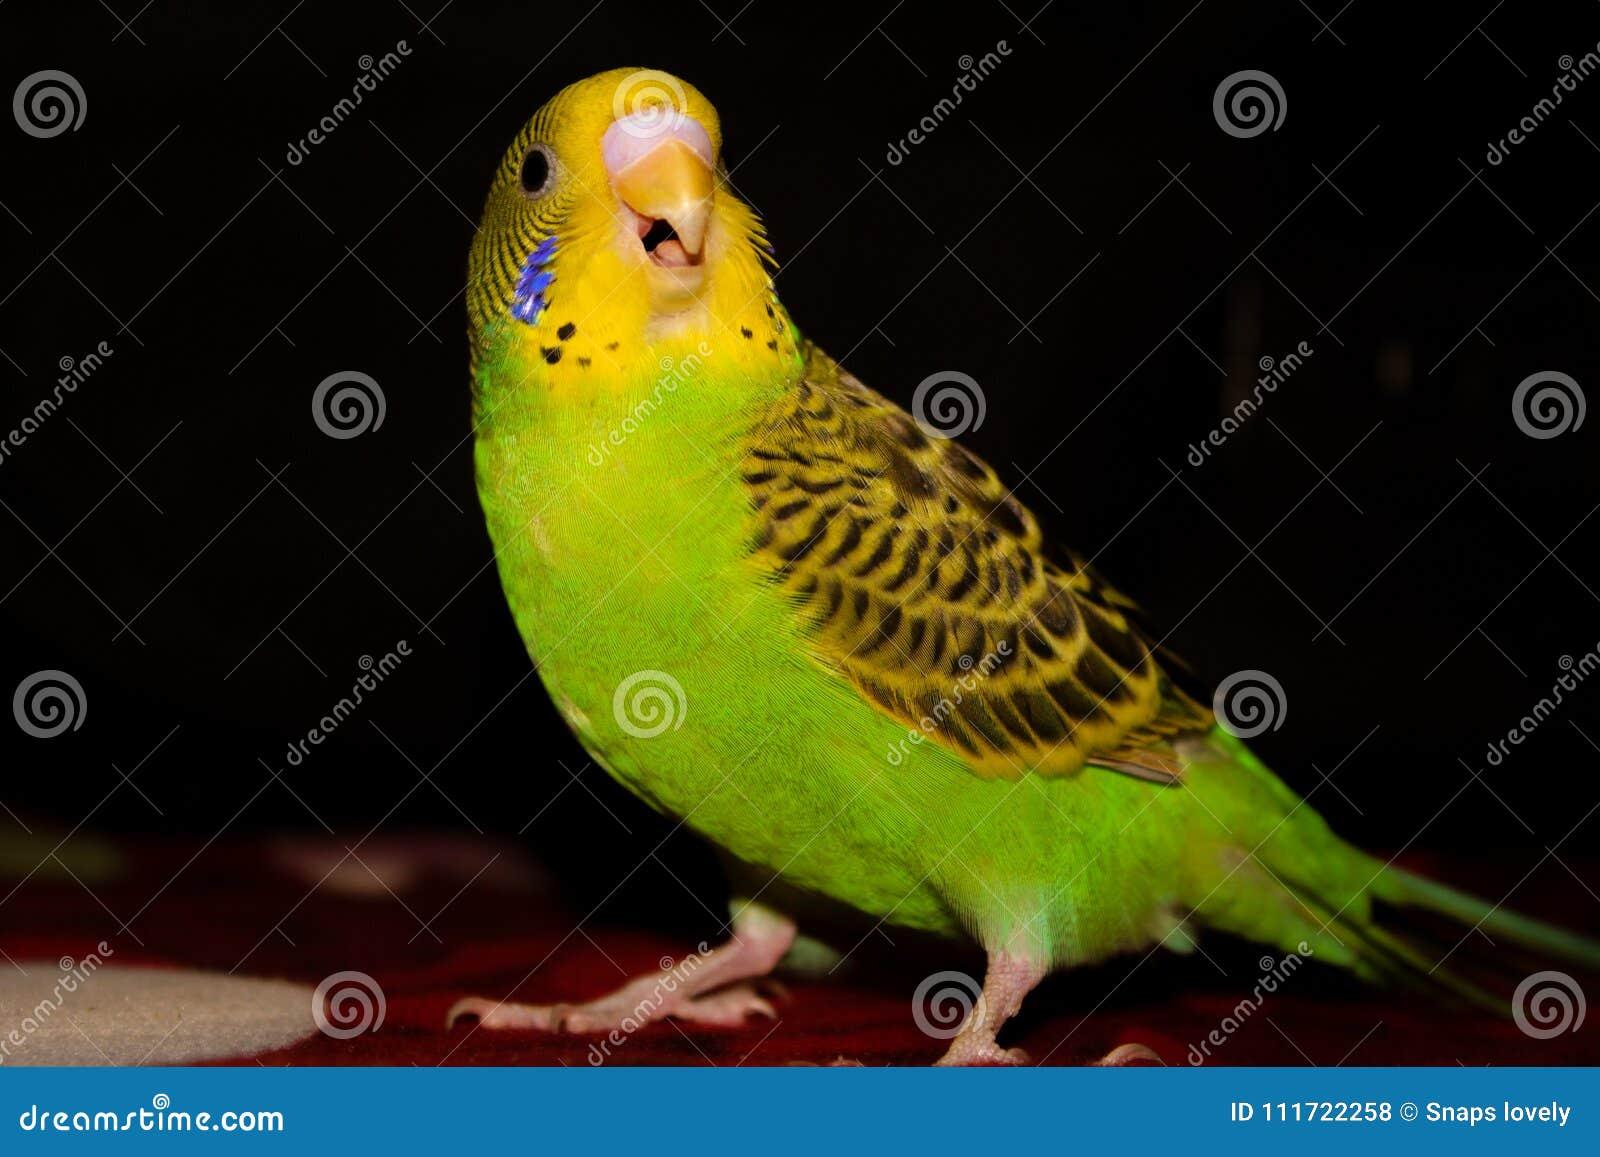 Lovebird koloru żółtego i zieleni lovebird piękny otwarty usta